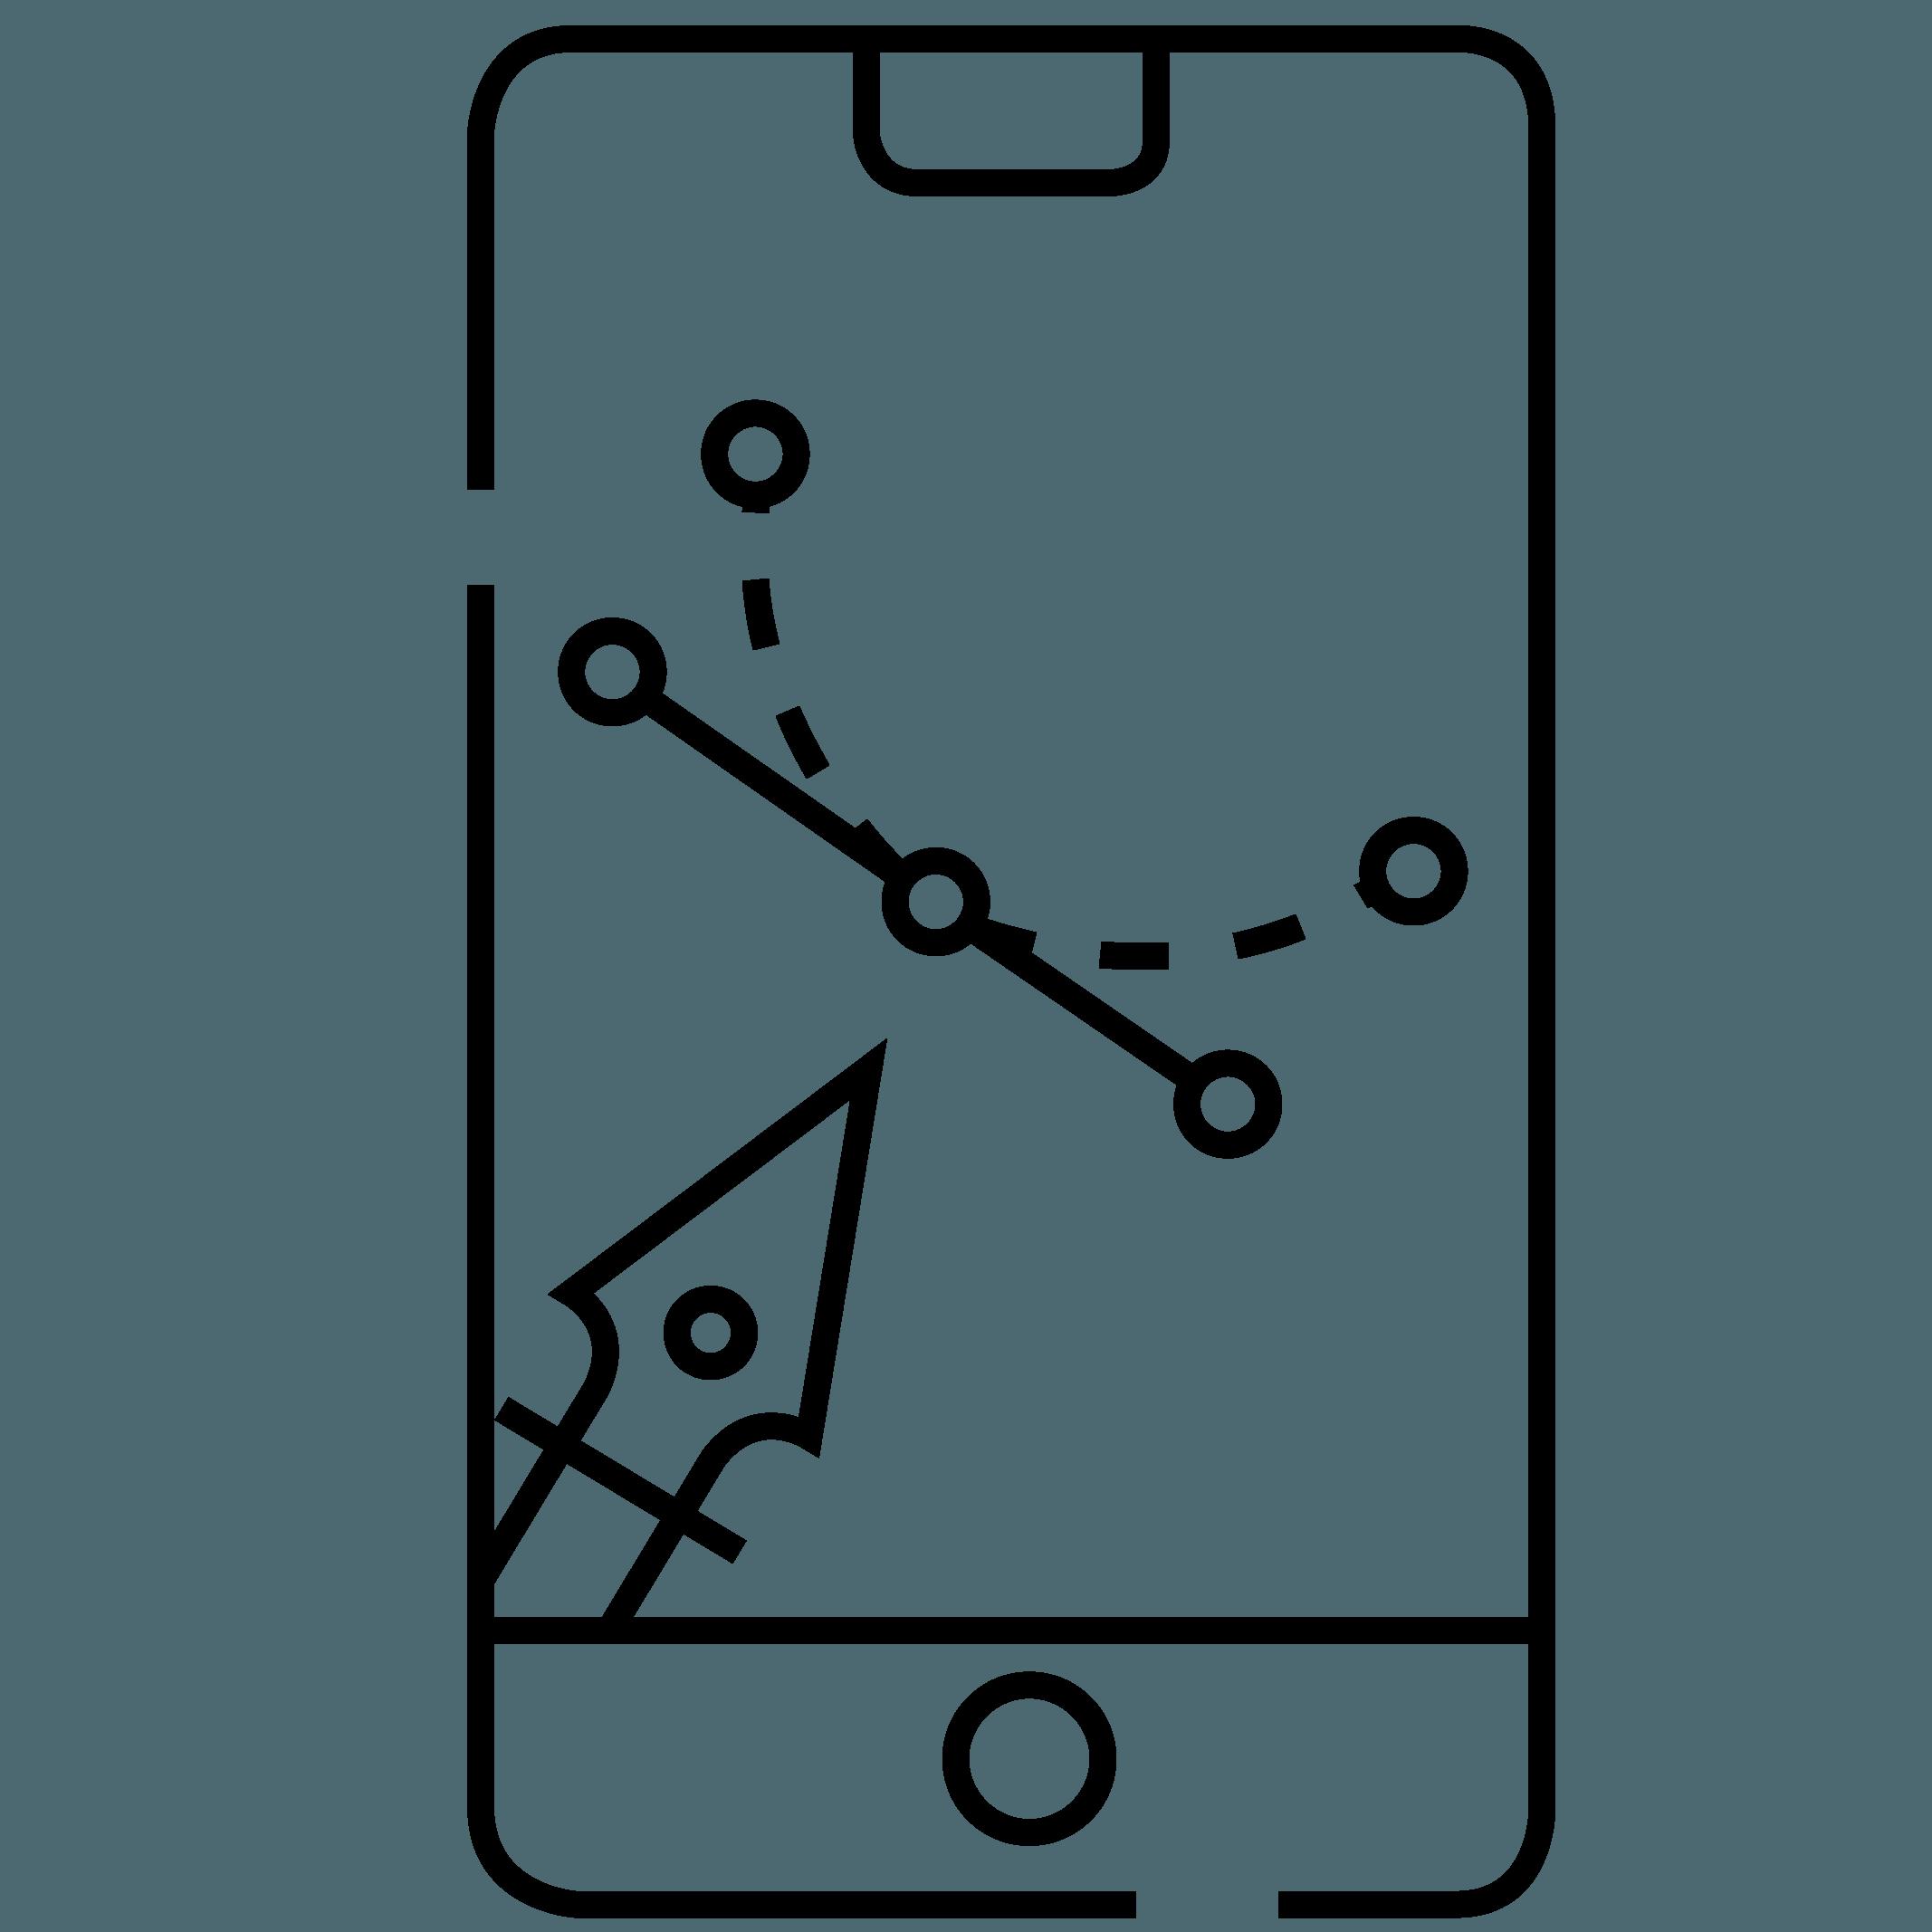 El diseño gráfico de la app